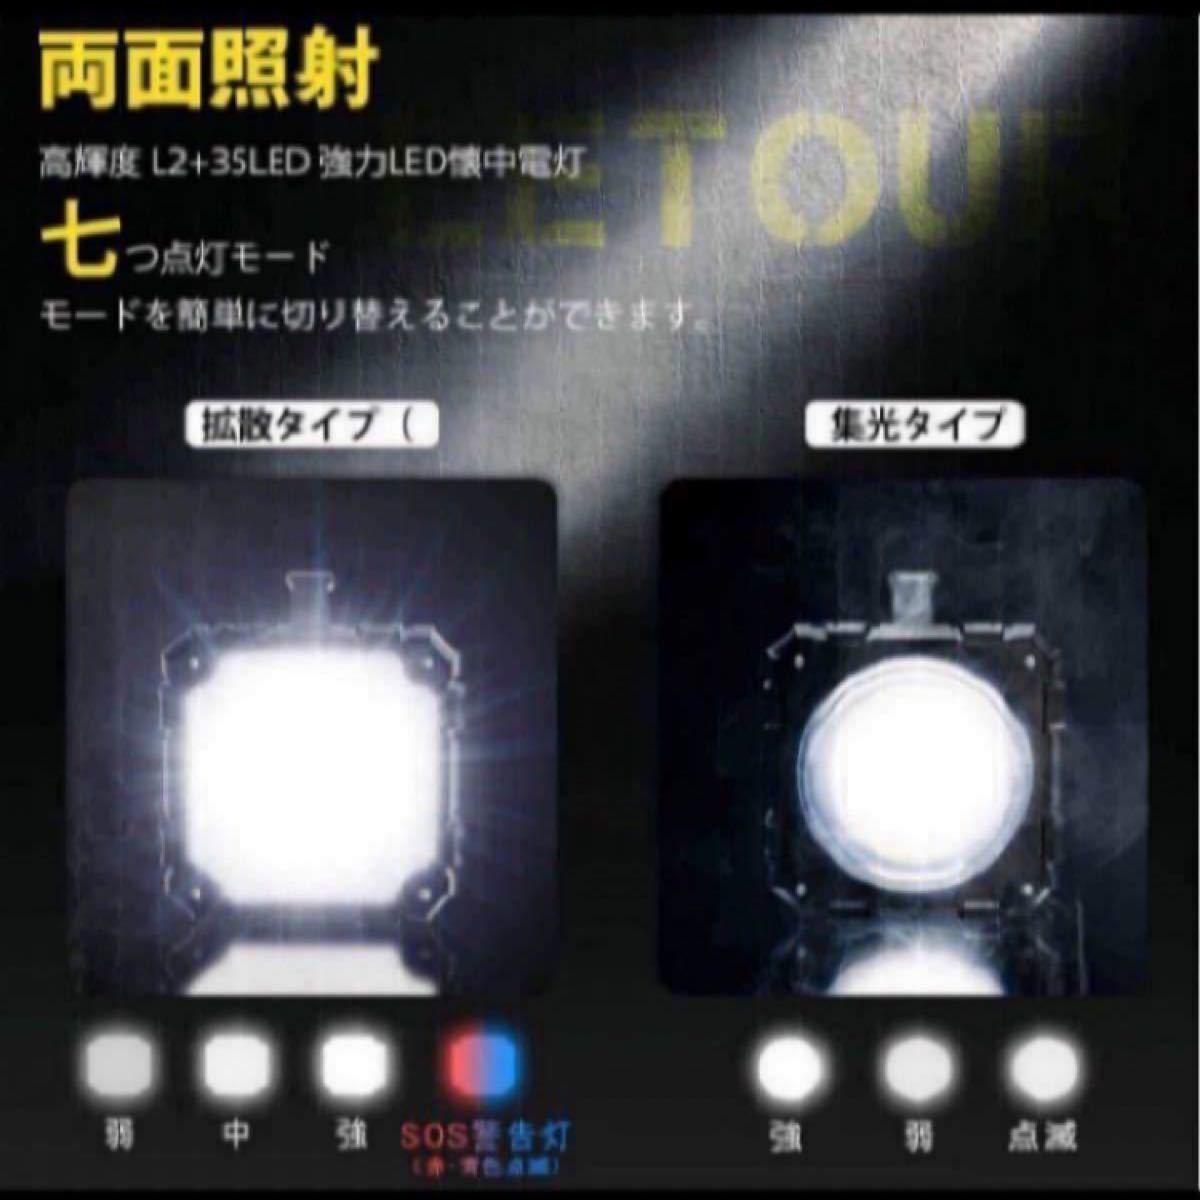 電灯 led 強力 最強 超高輝度 6000ルーメンサーチライト 7モード調光 一台3役 usb充電式給電 防水 ハンドル付き